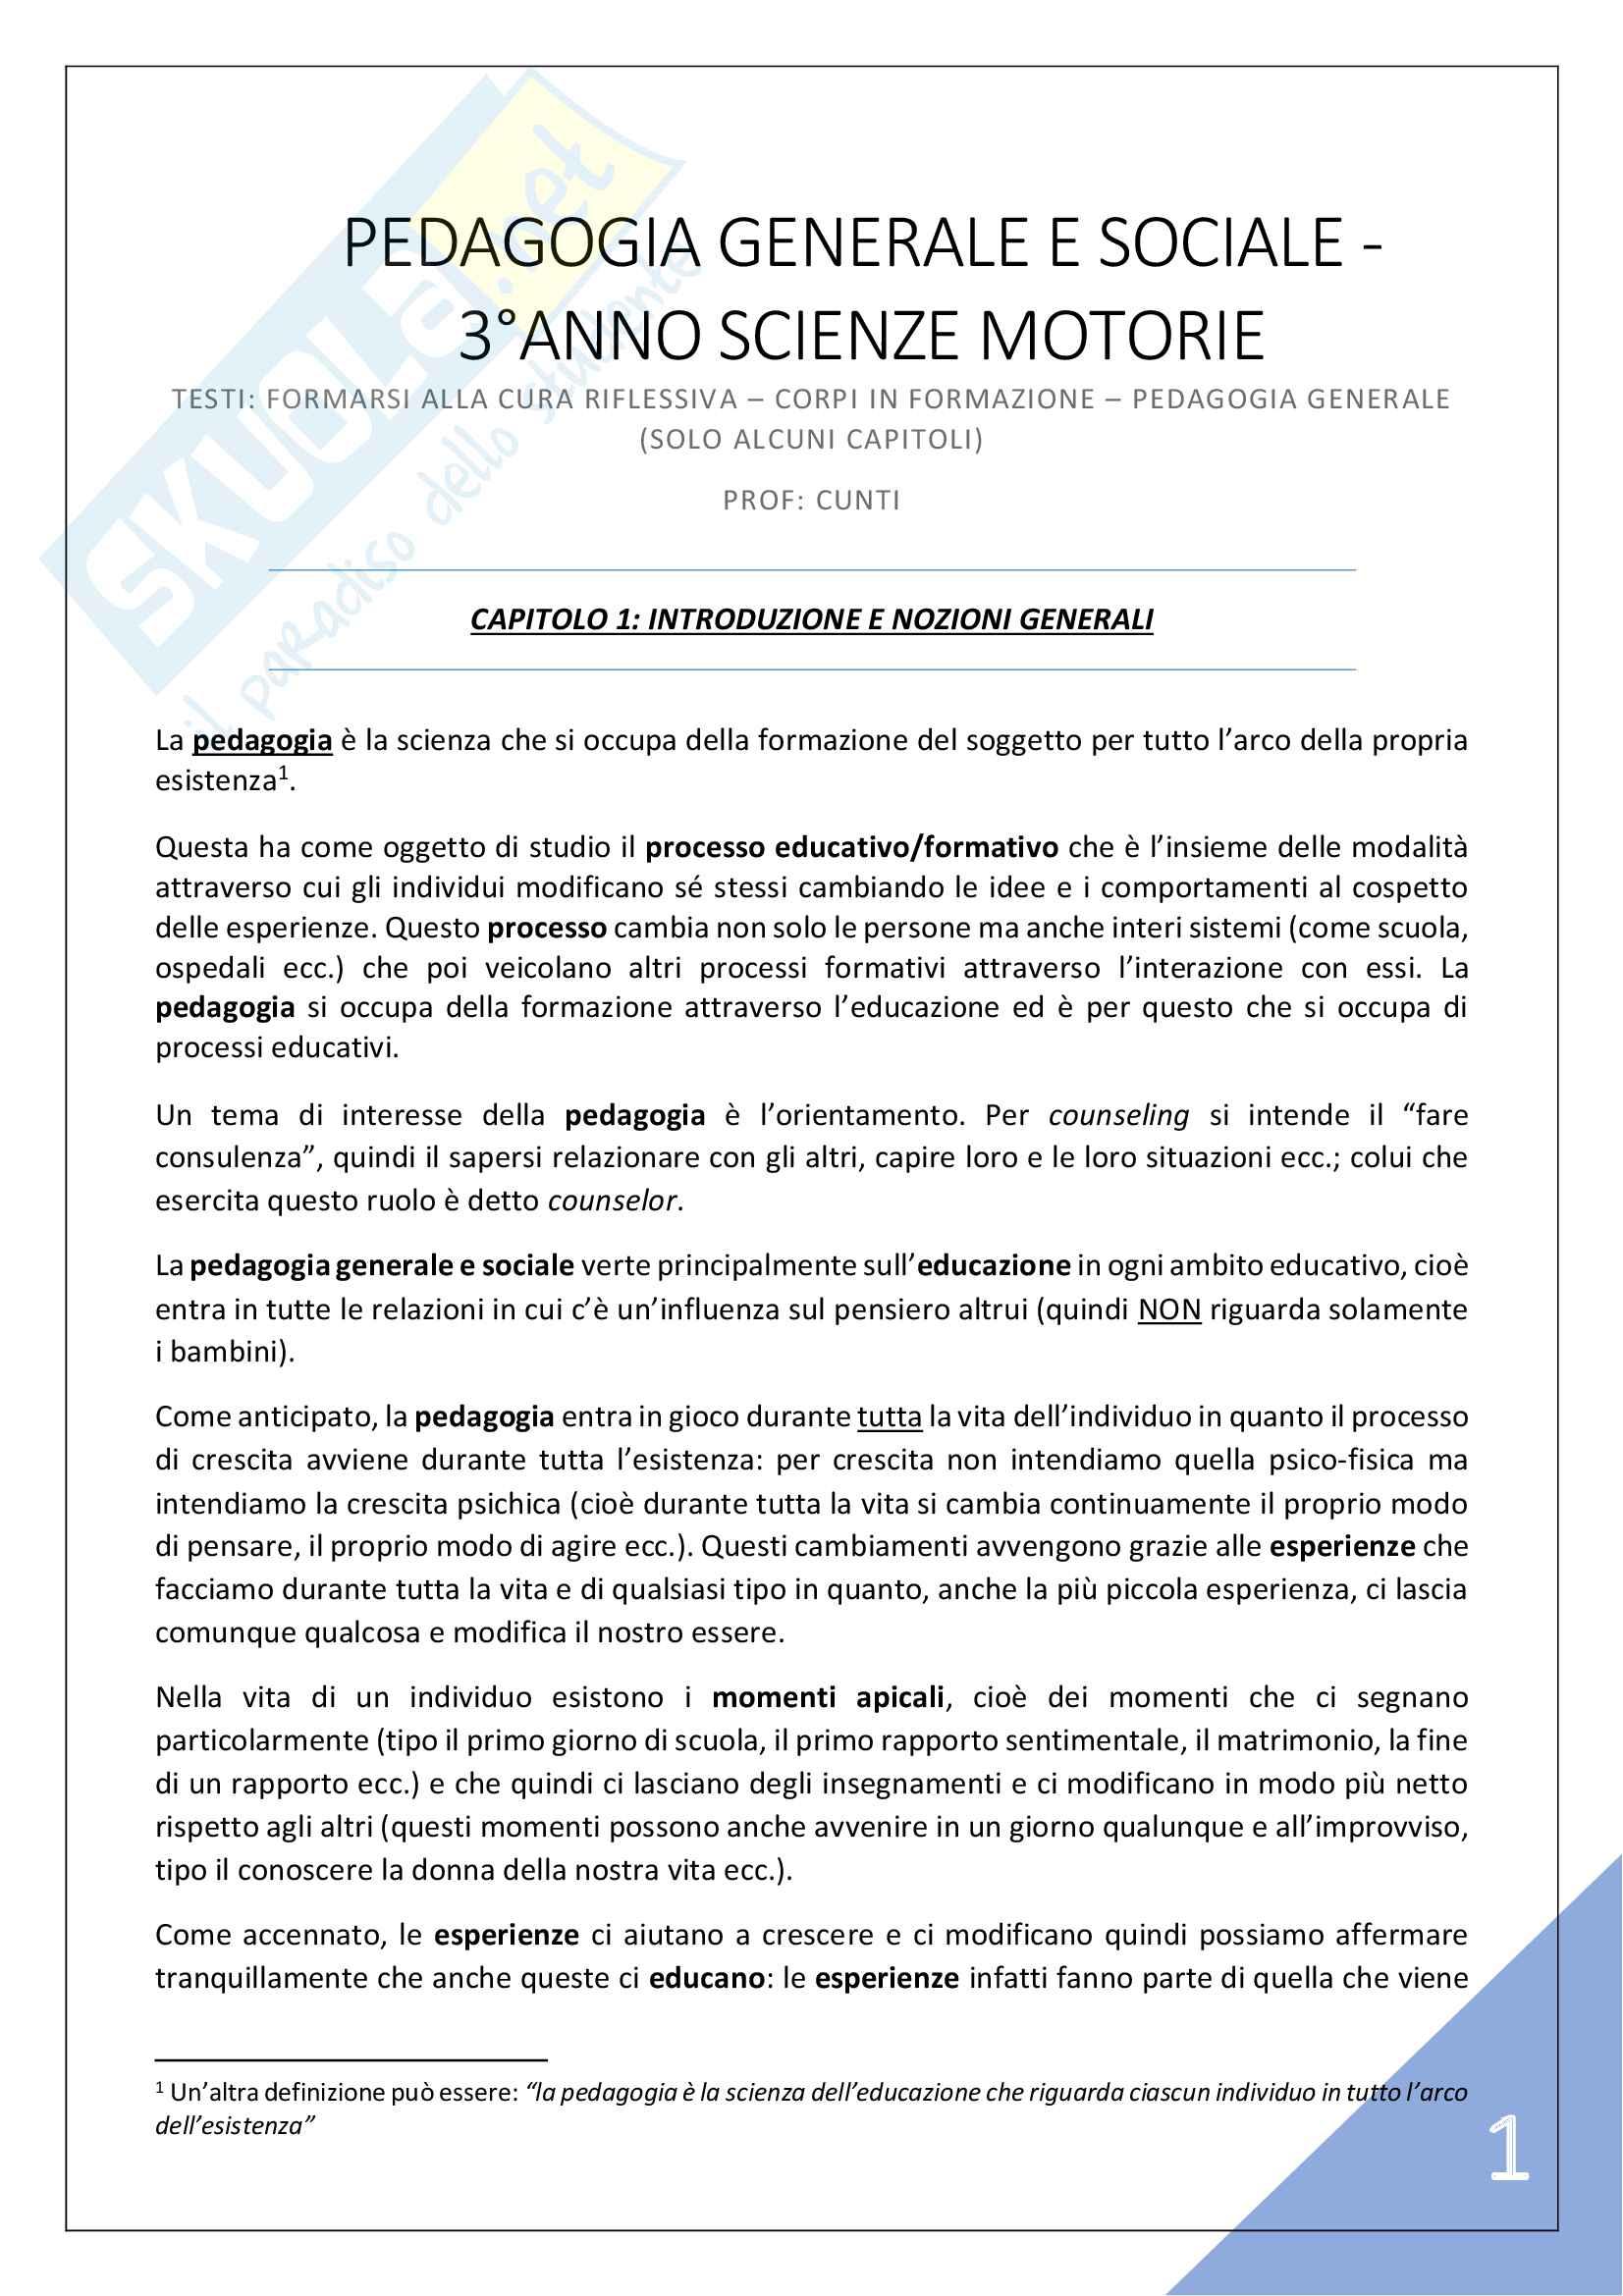 Pedagogia Generale e Sociale - 3° Anno